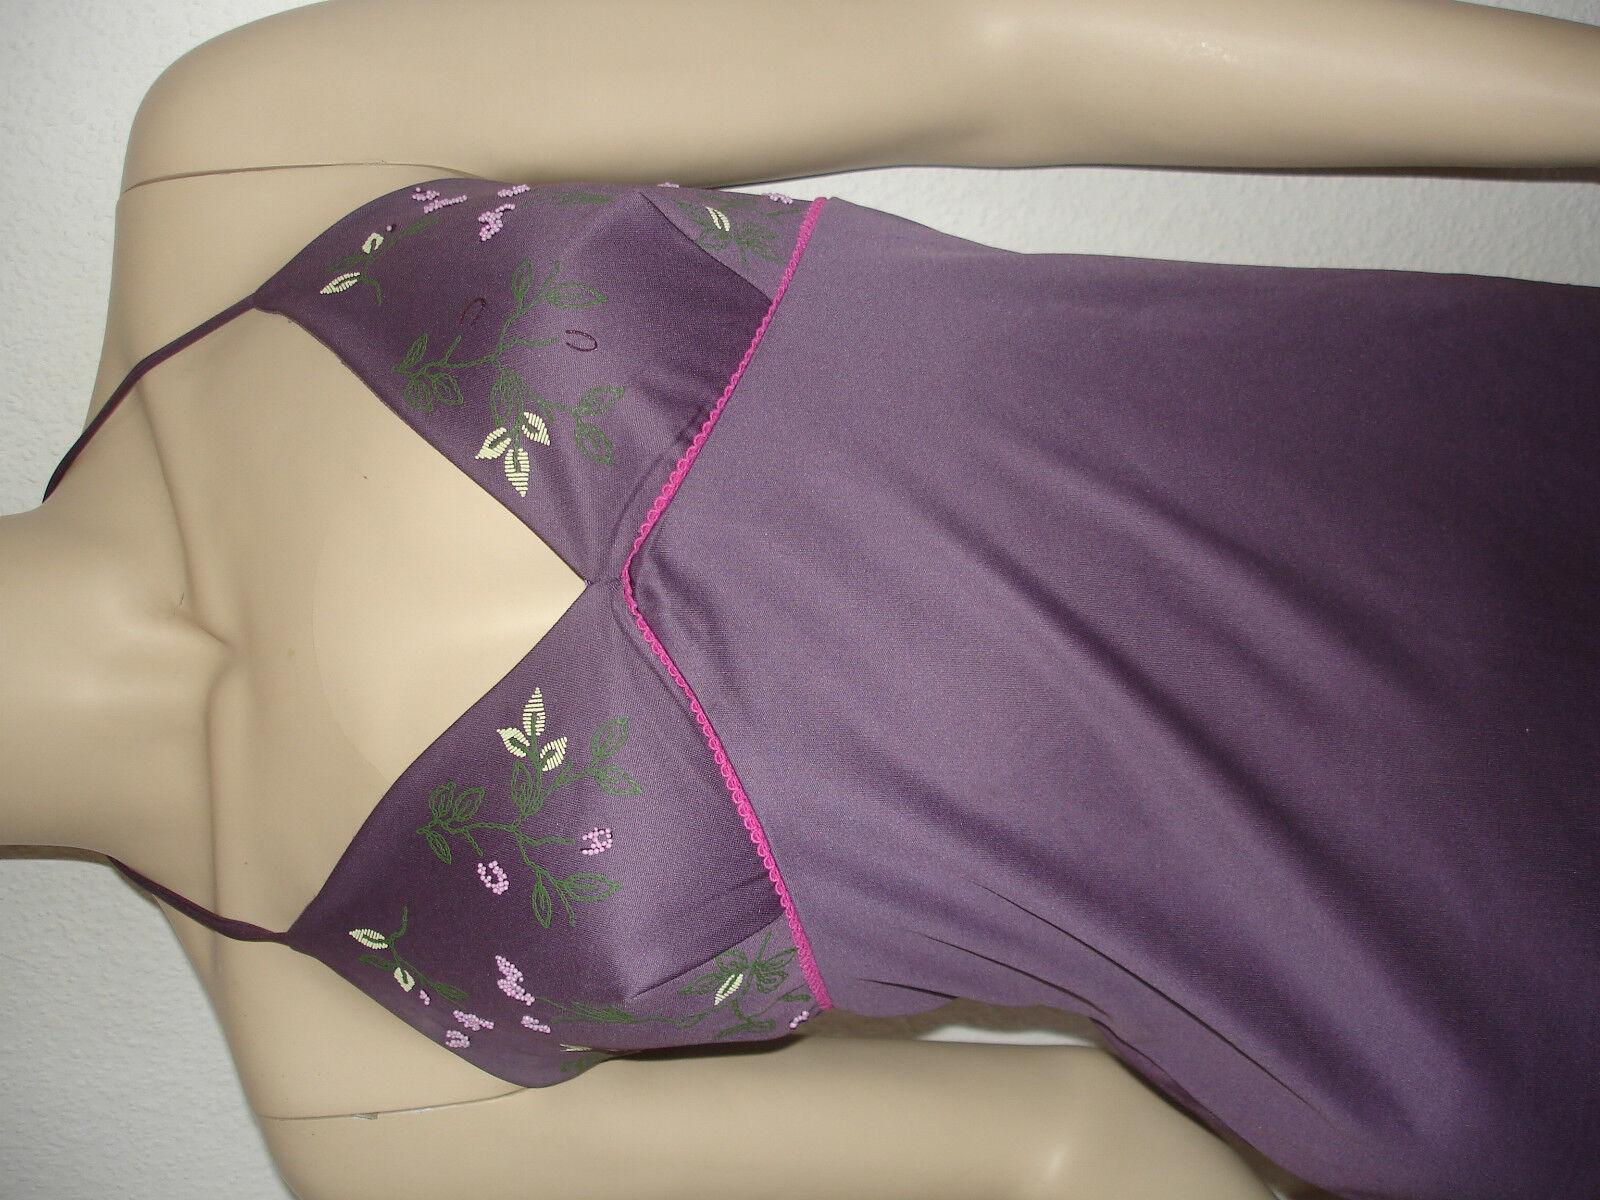 Original Kookai Kleid Neckholder Gr. 1 34 36 Lila Flieder Stickerei